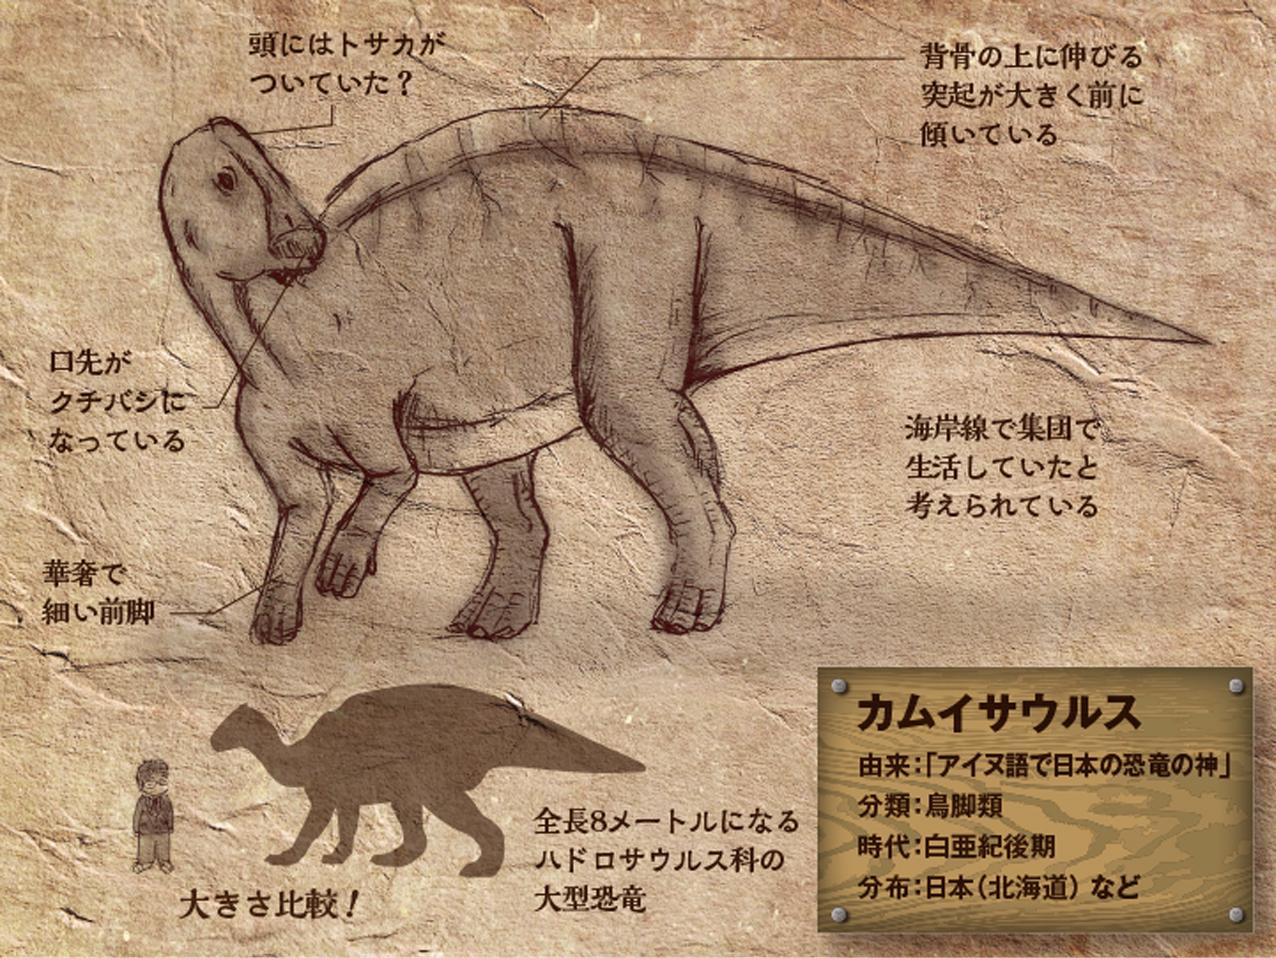 Kamuysaurus.jpg